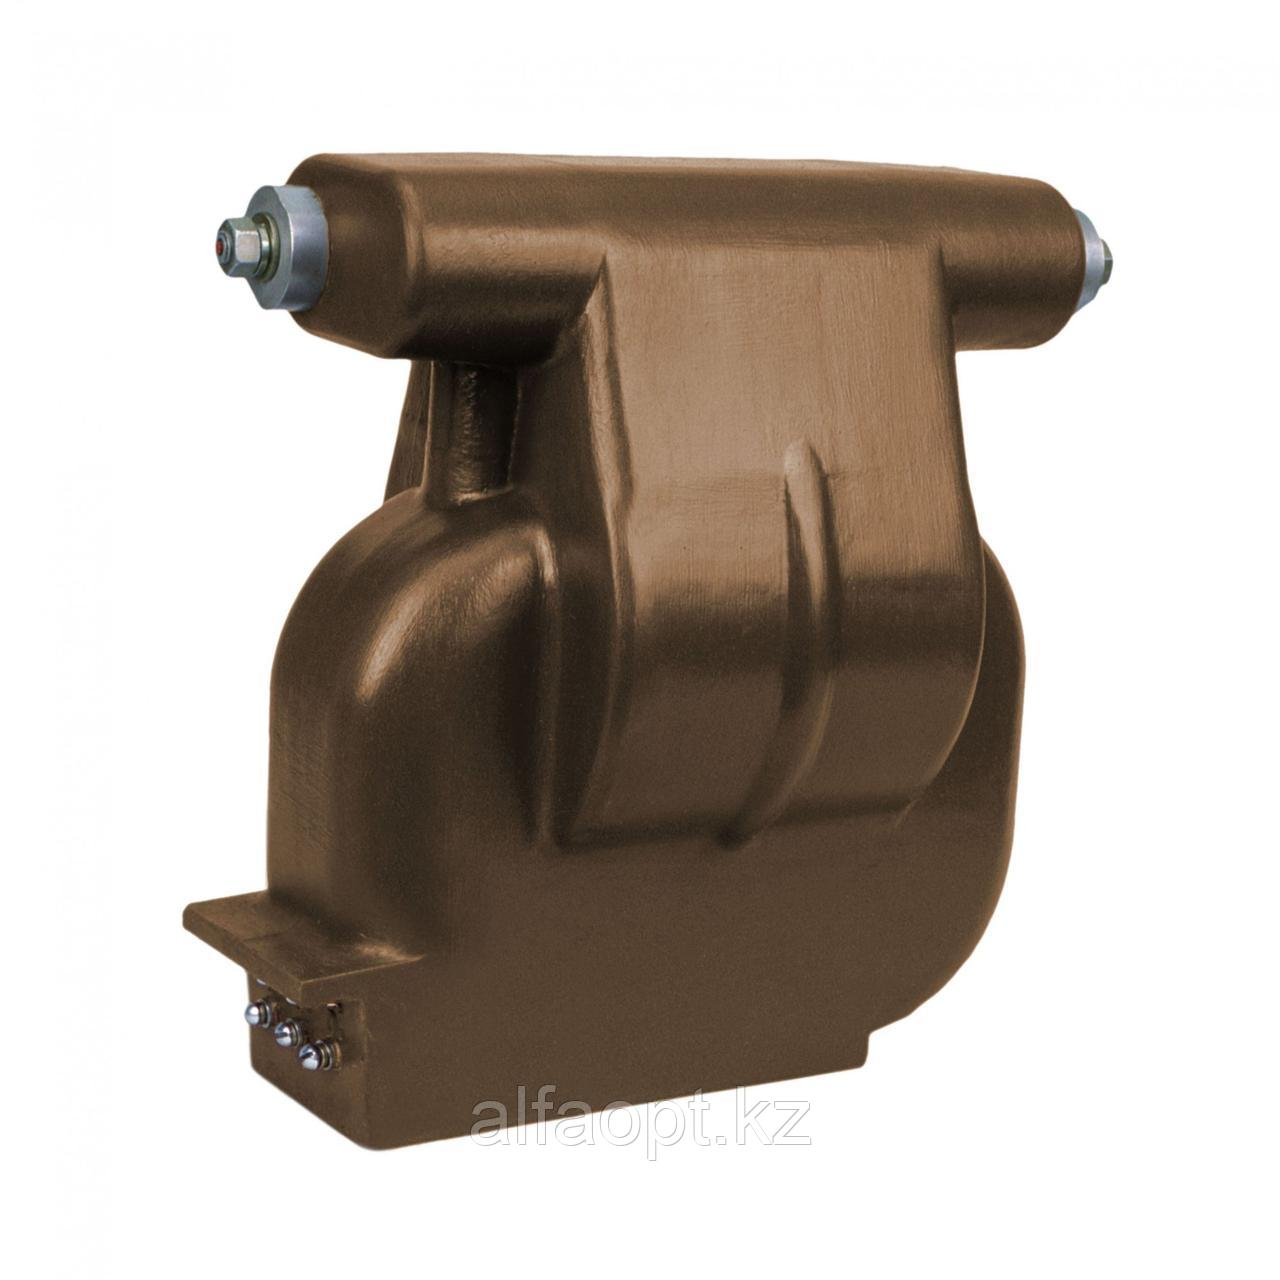 Трансформатор ОЛСП со встроенным защитным предохранительным устройством